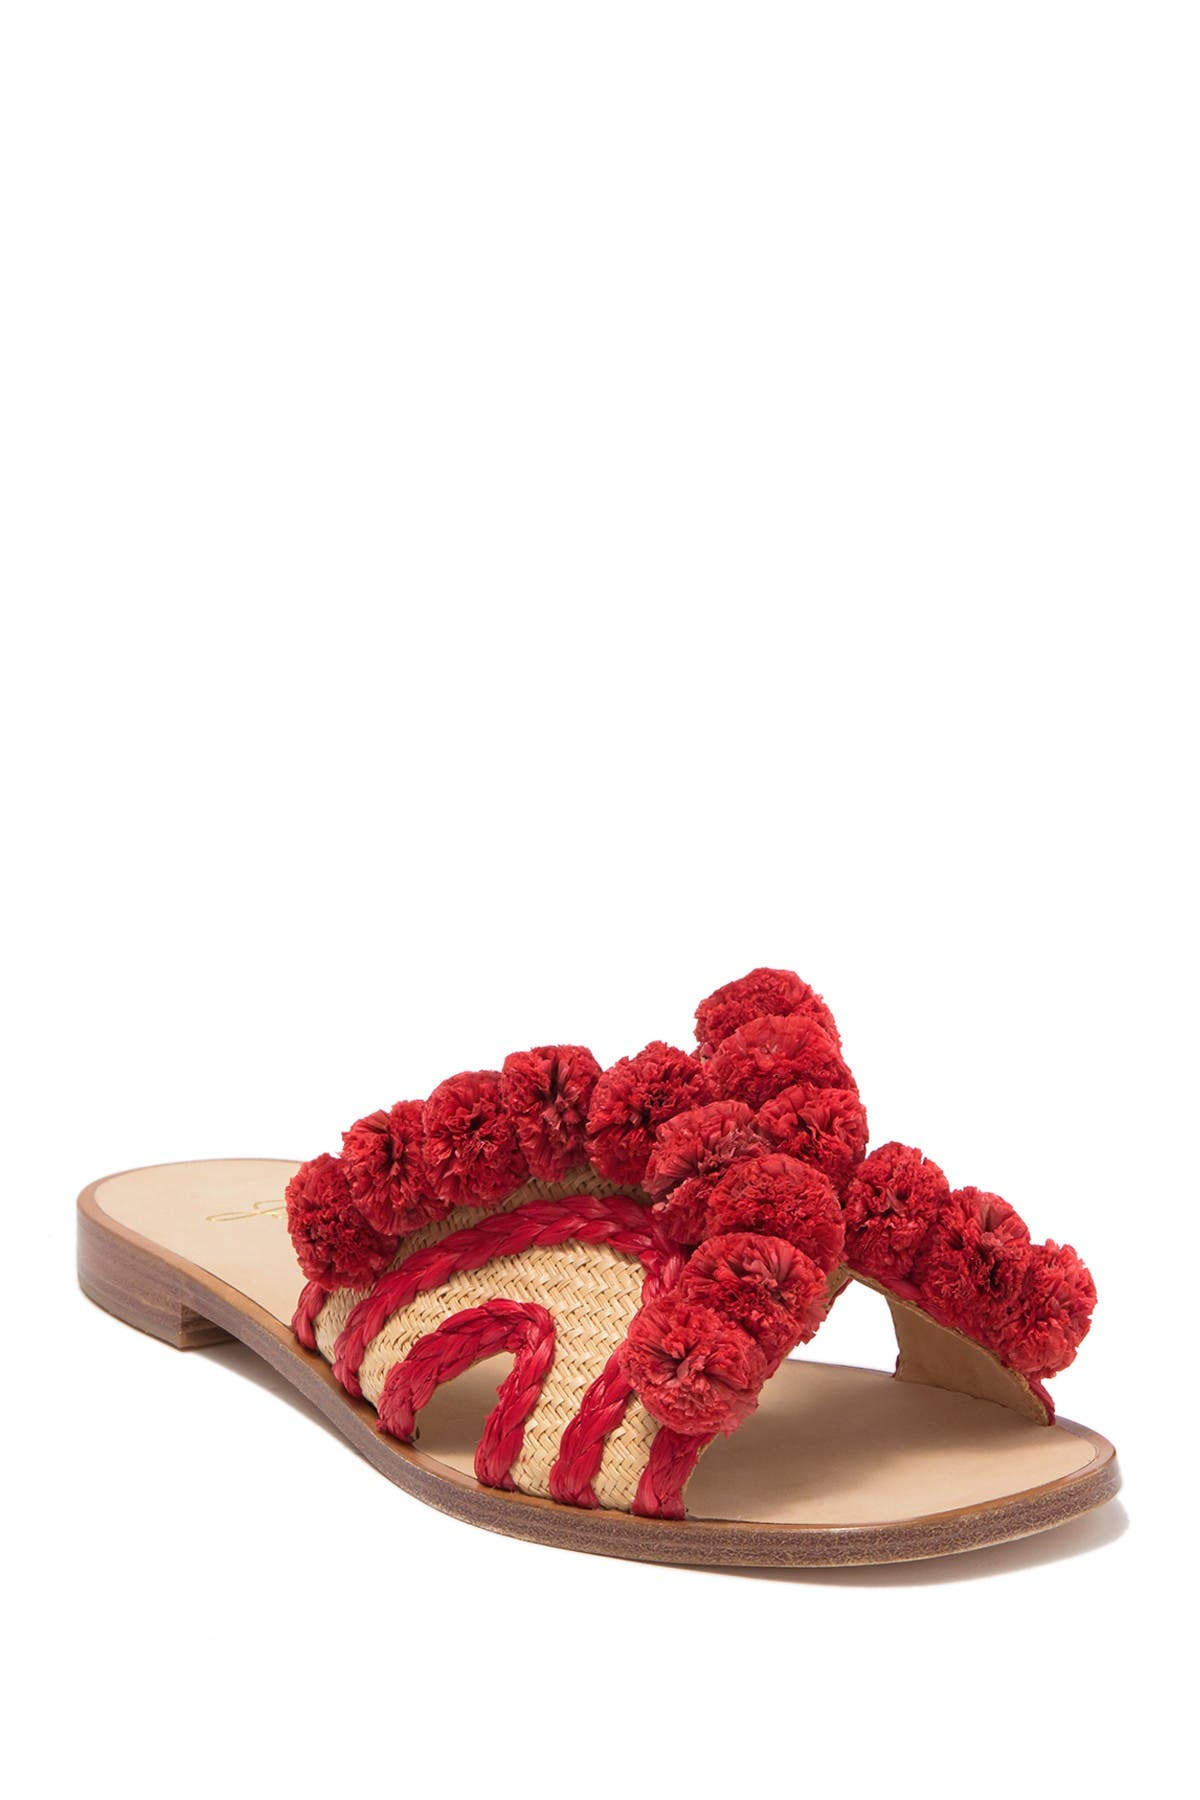 Image of Joie Paden Pompom Slide Sandal